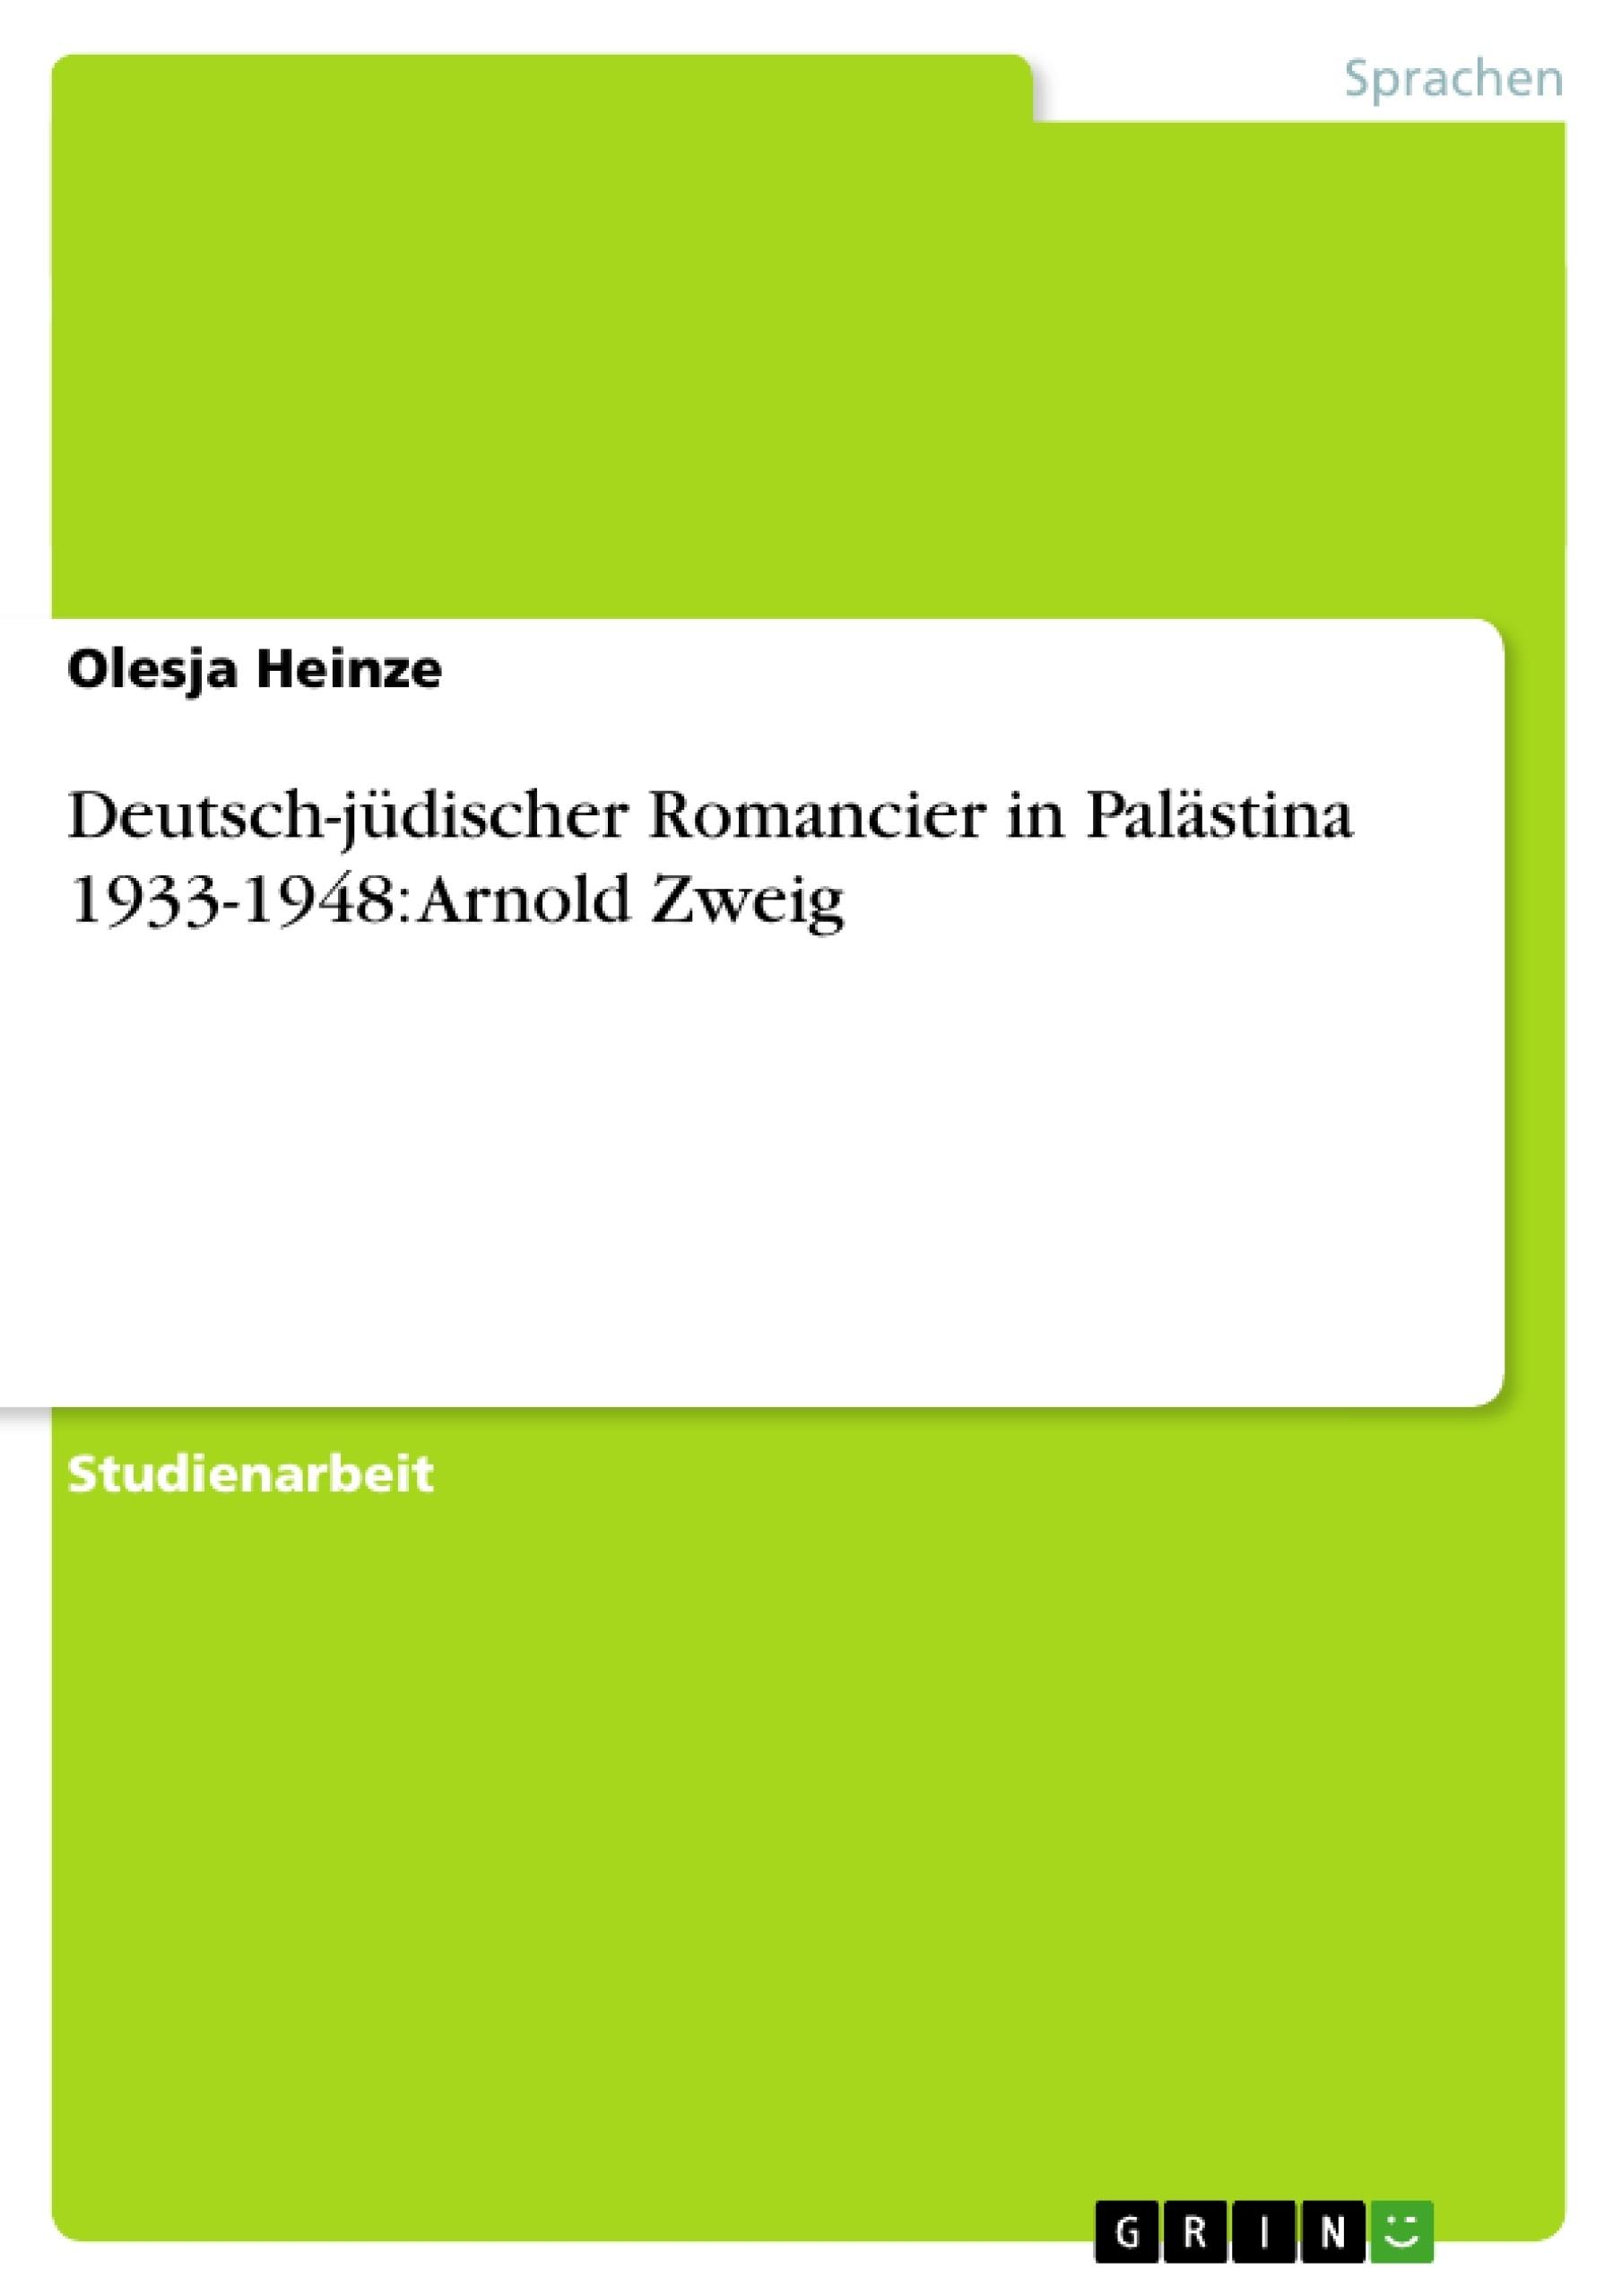 Titel: Deutsch-jüdischer Romancier in Palästina 1933-1948: Arnold Zweig